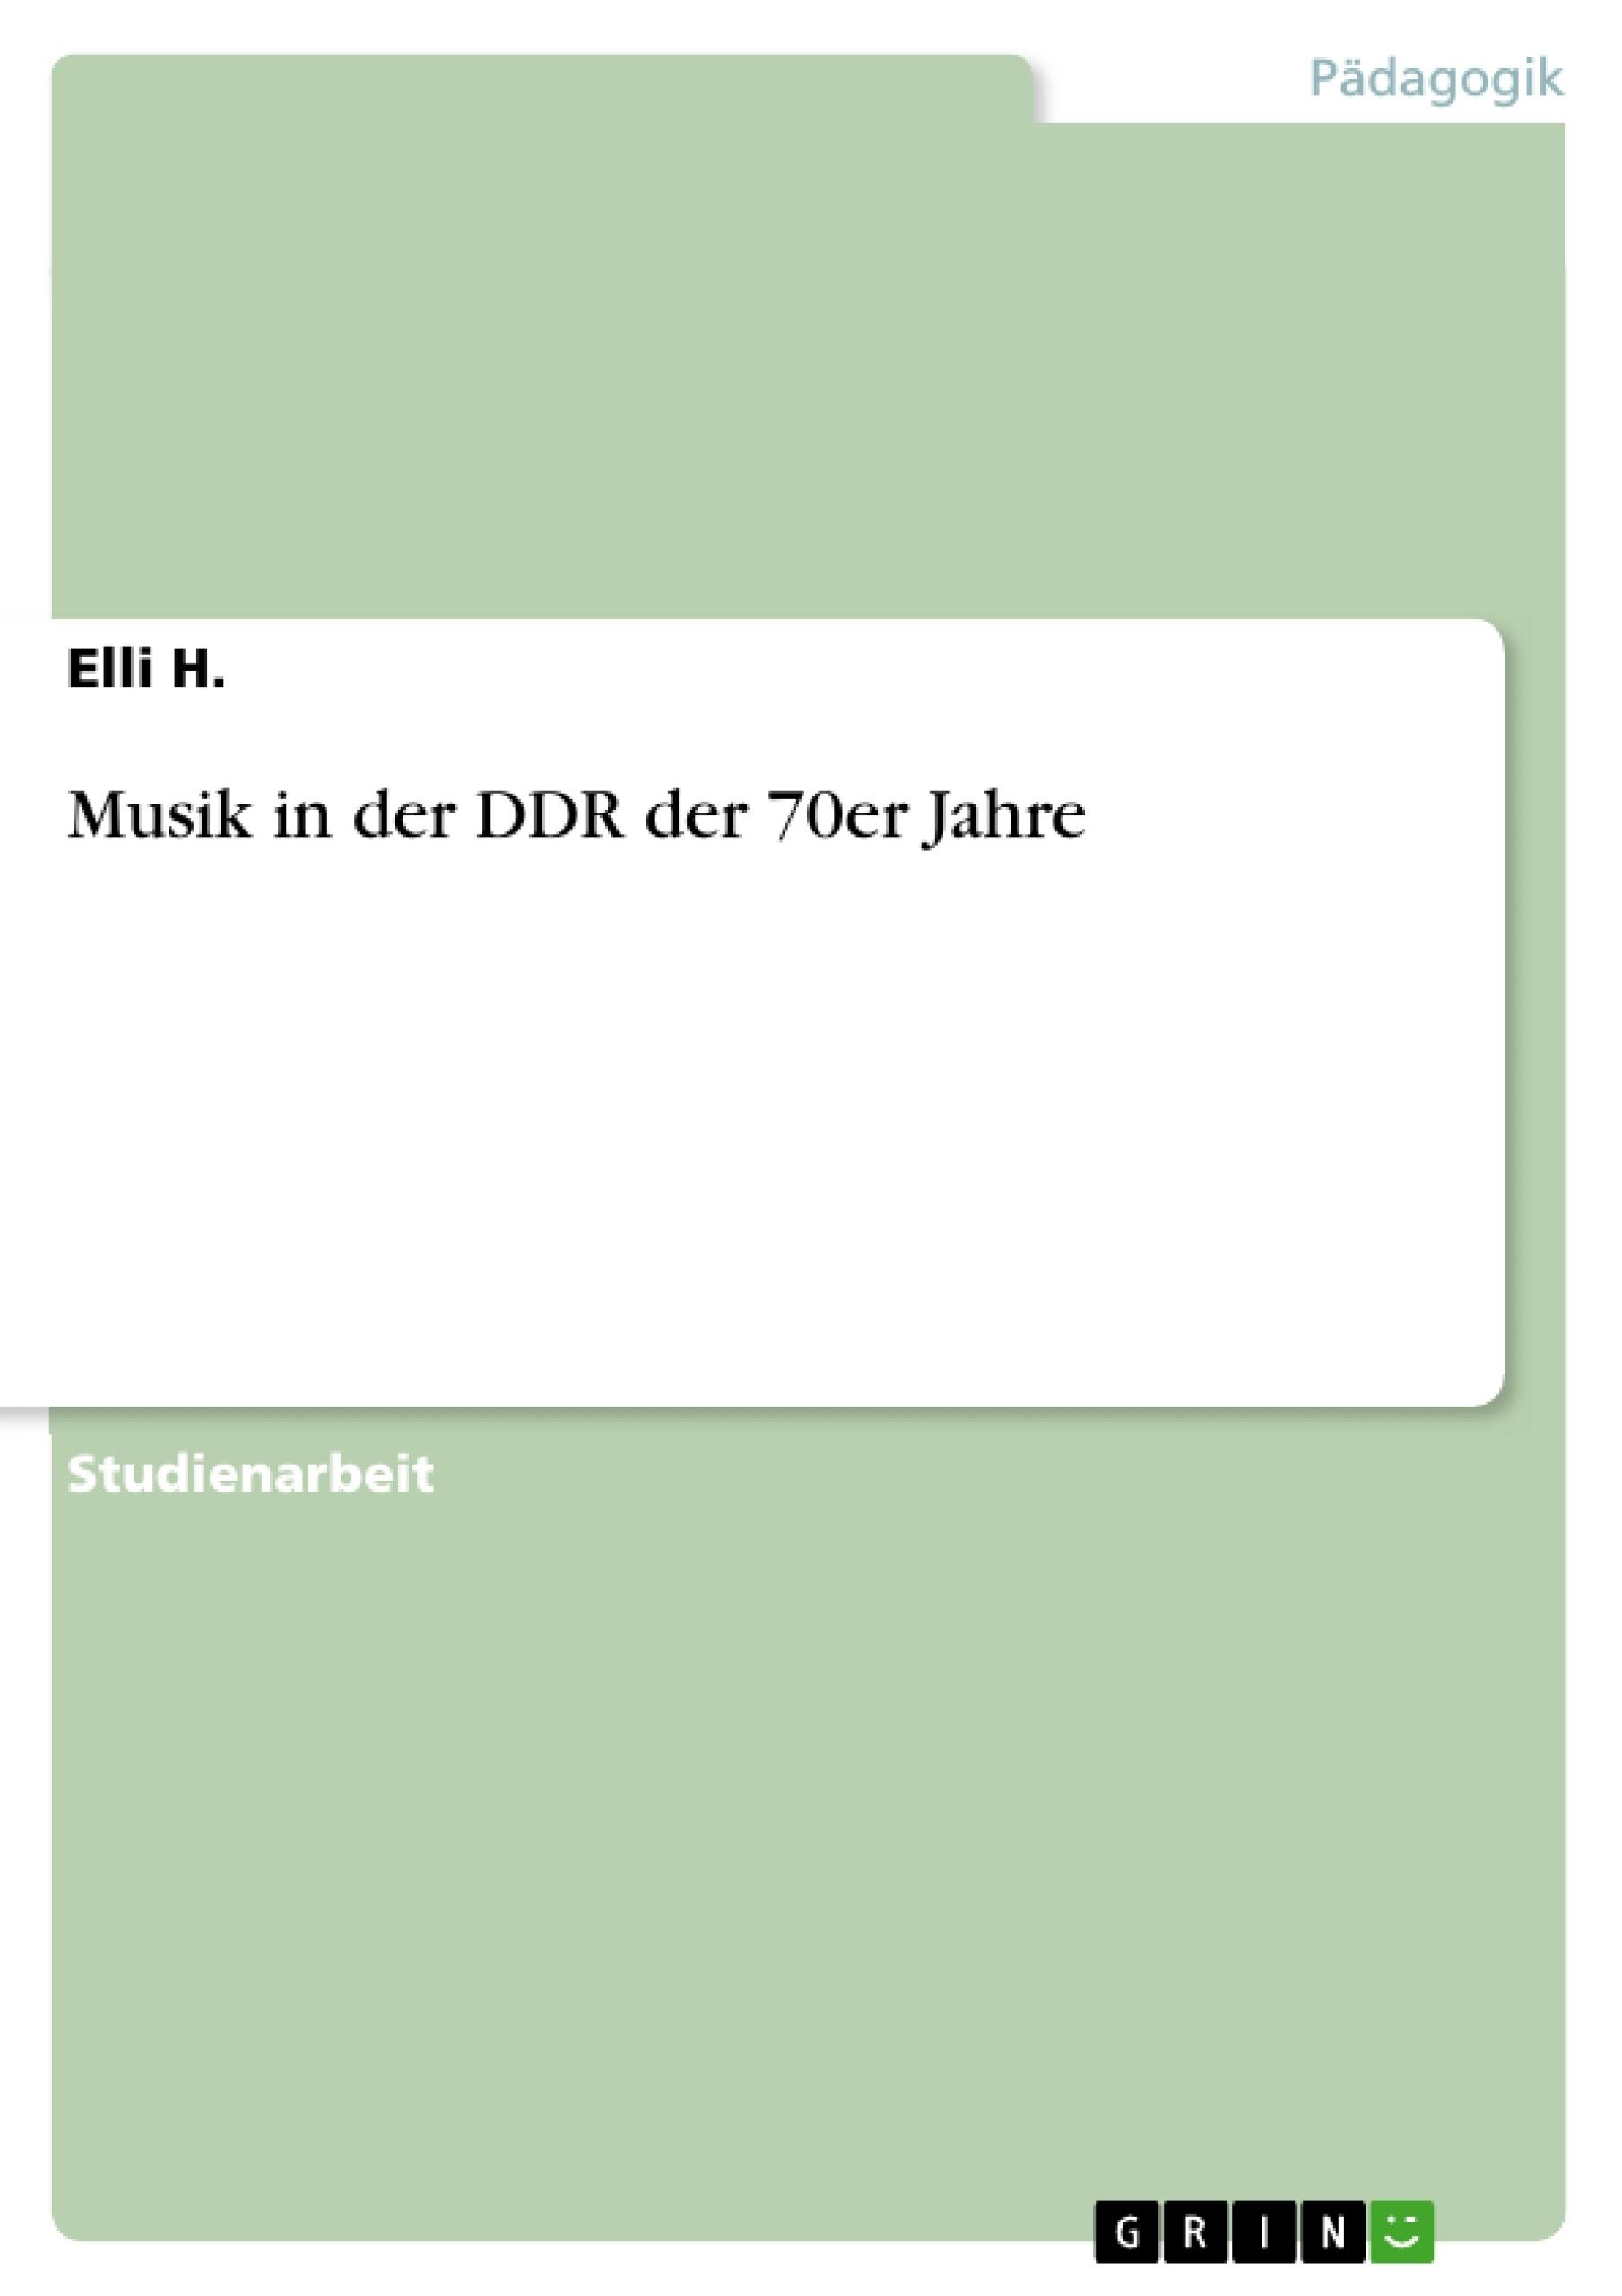 Titel: Musik in der DDR der 70er Jahre